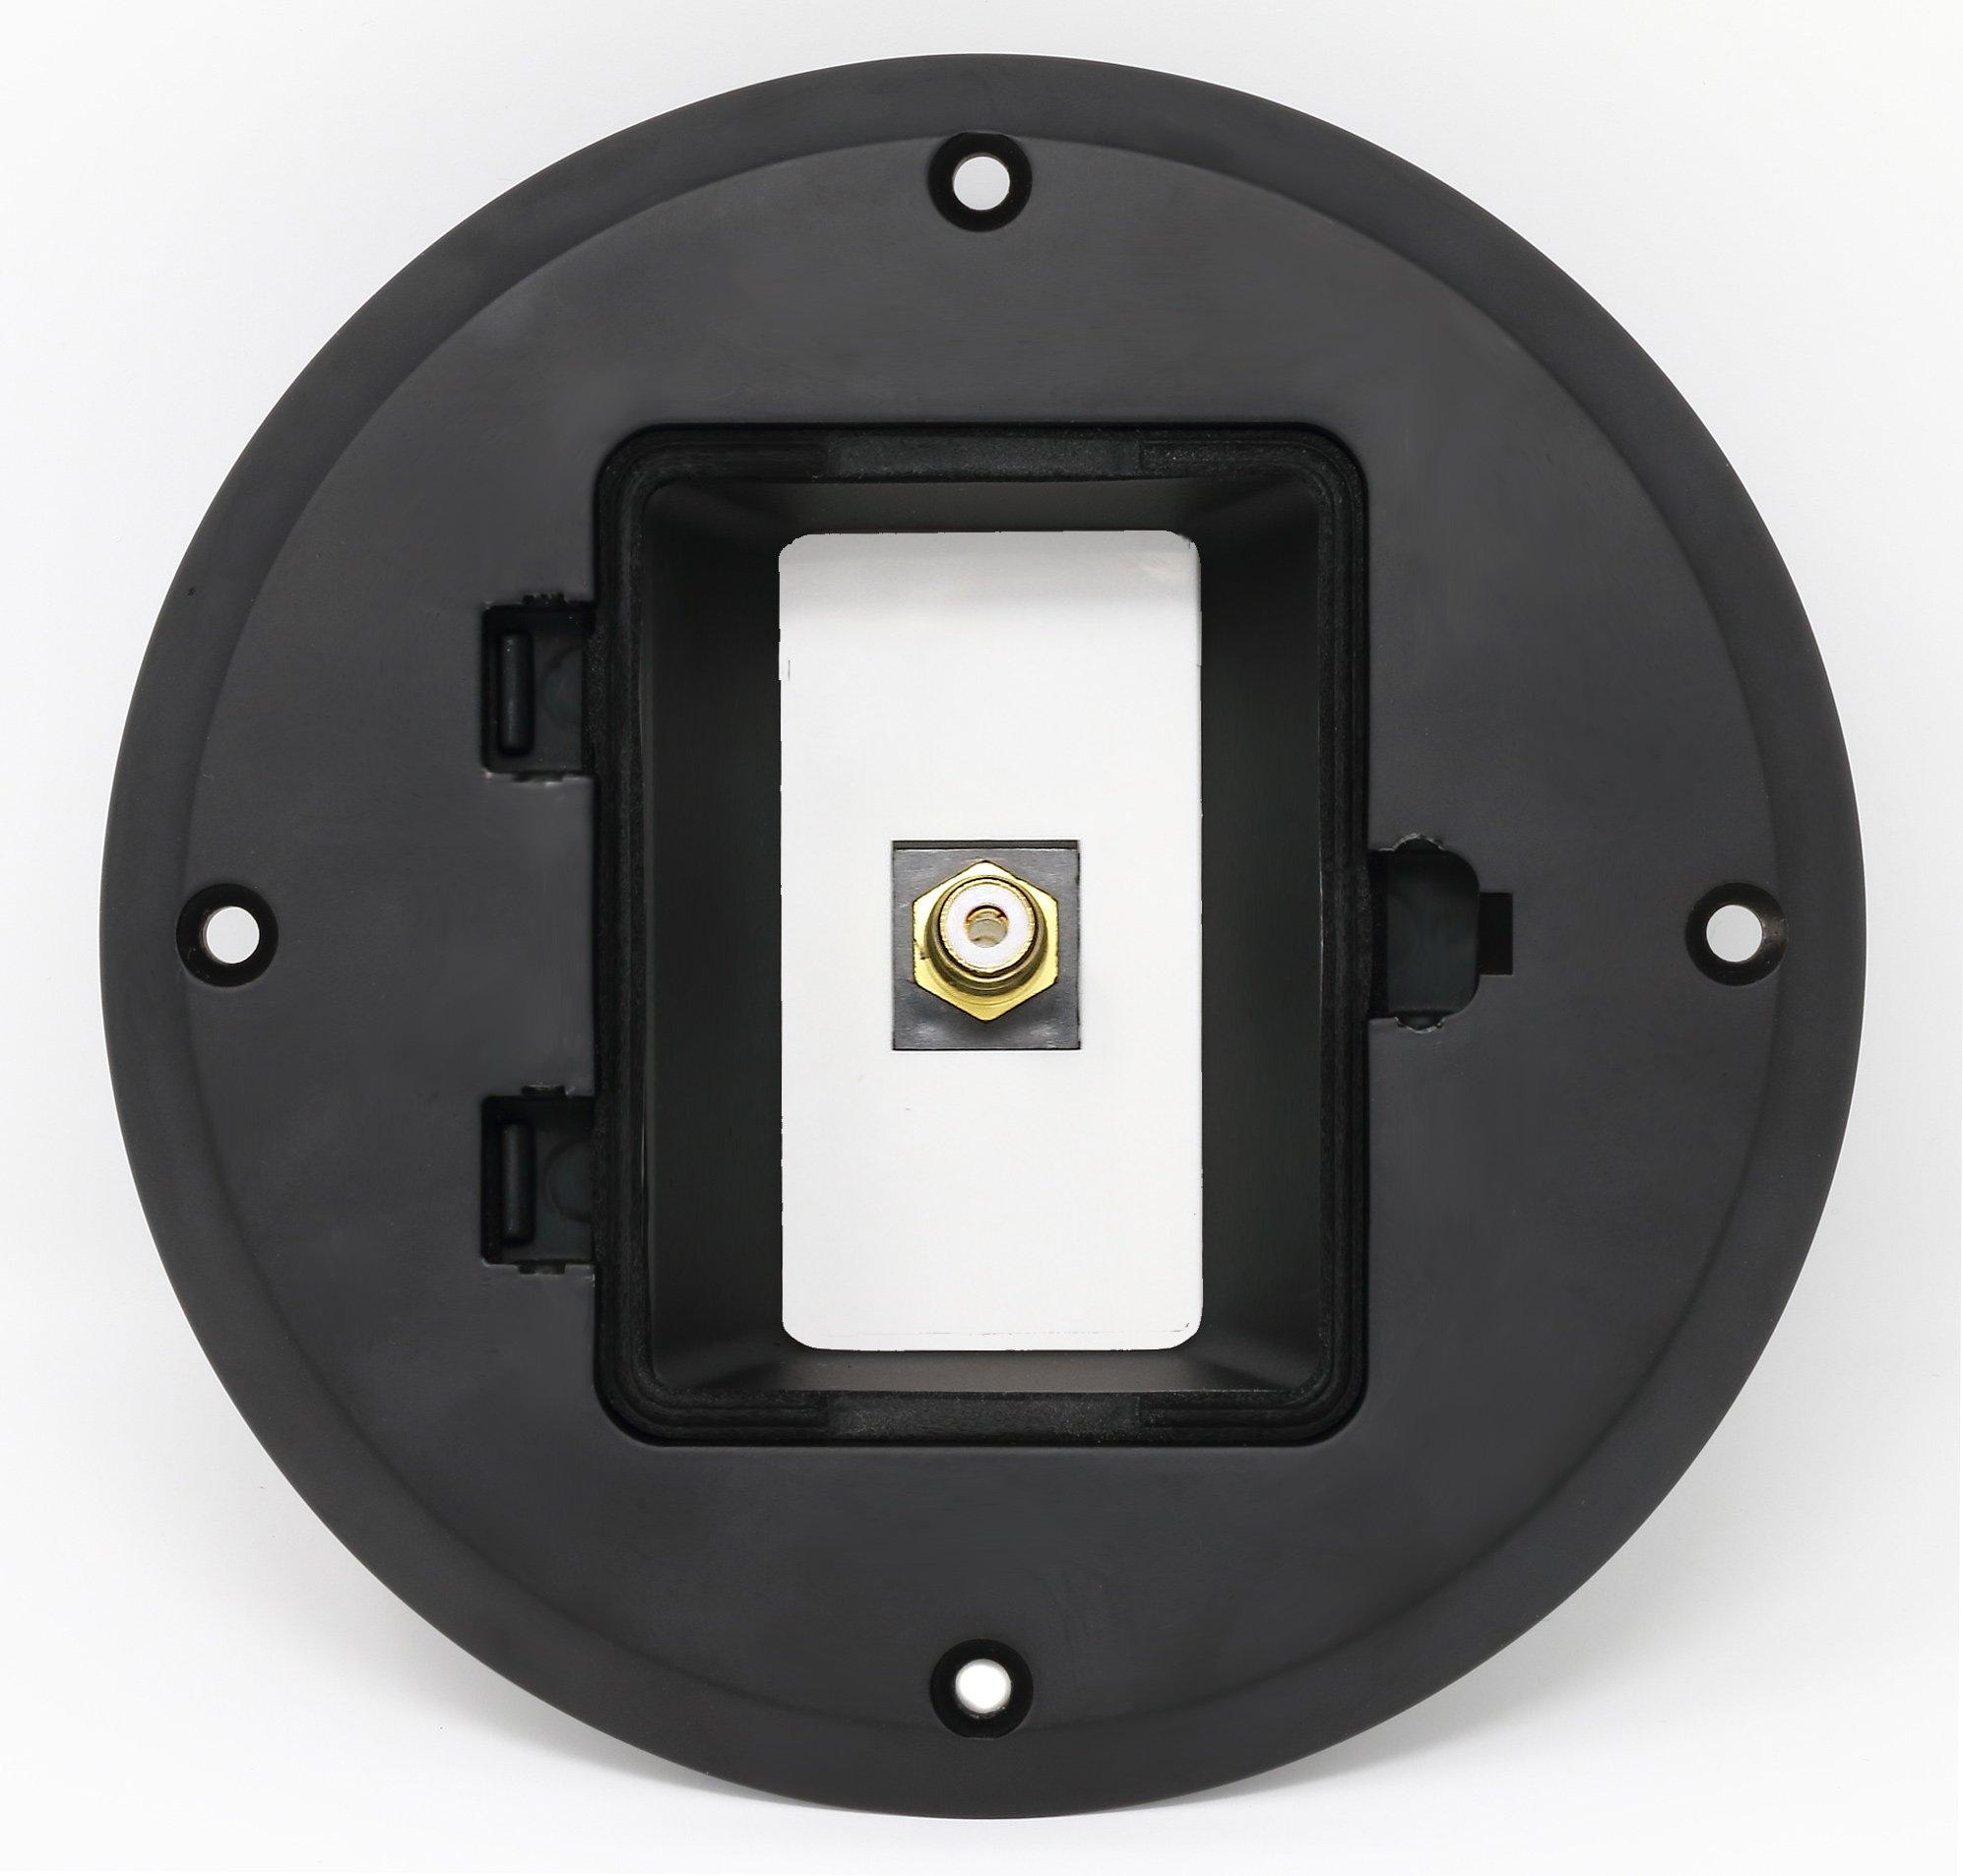 RiteAV 1 Port RCA for Subwoofer Audio Port Floor Box - Black